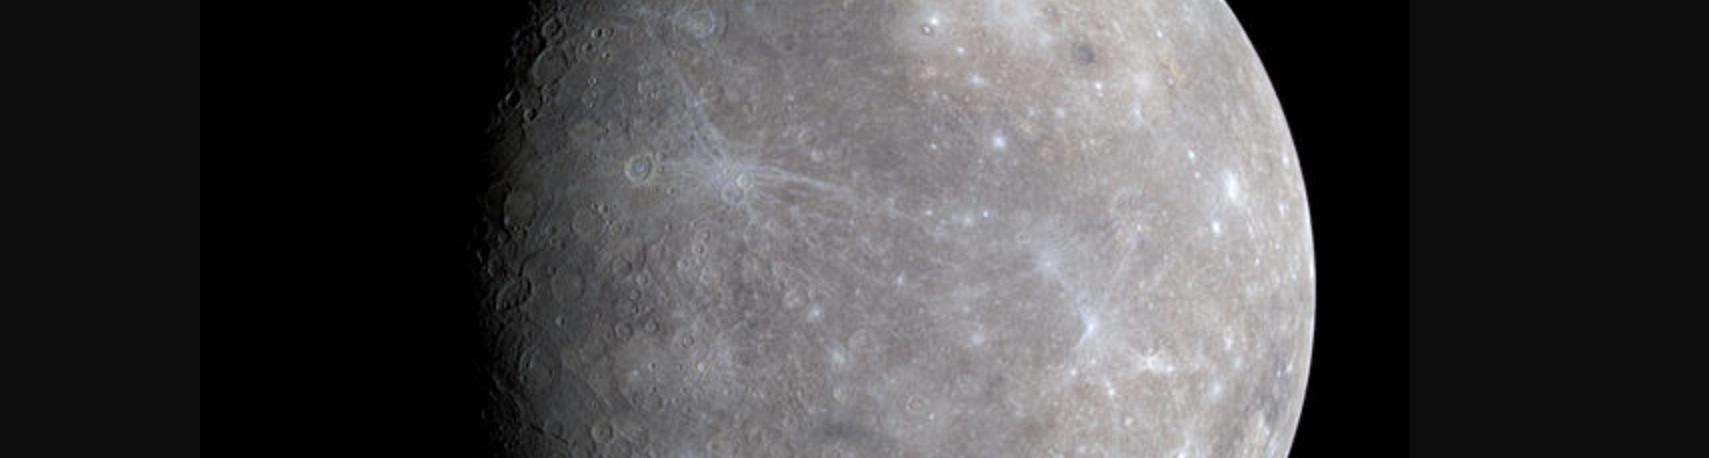 Это не Луна, это — Меркурий